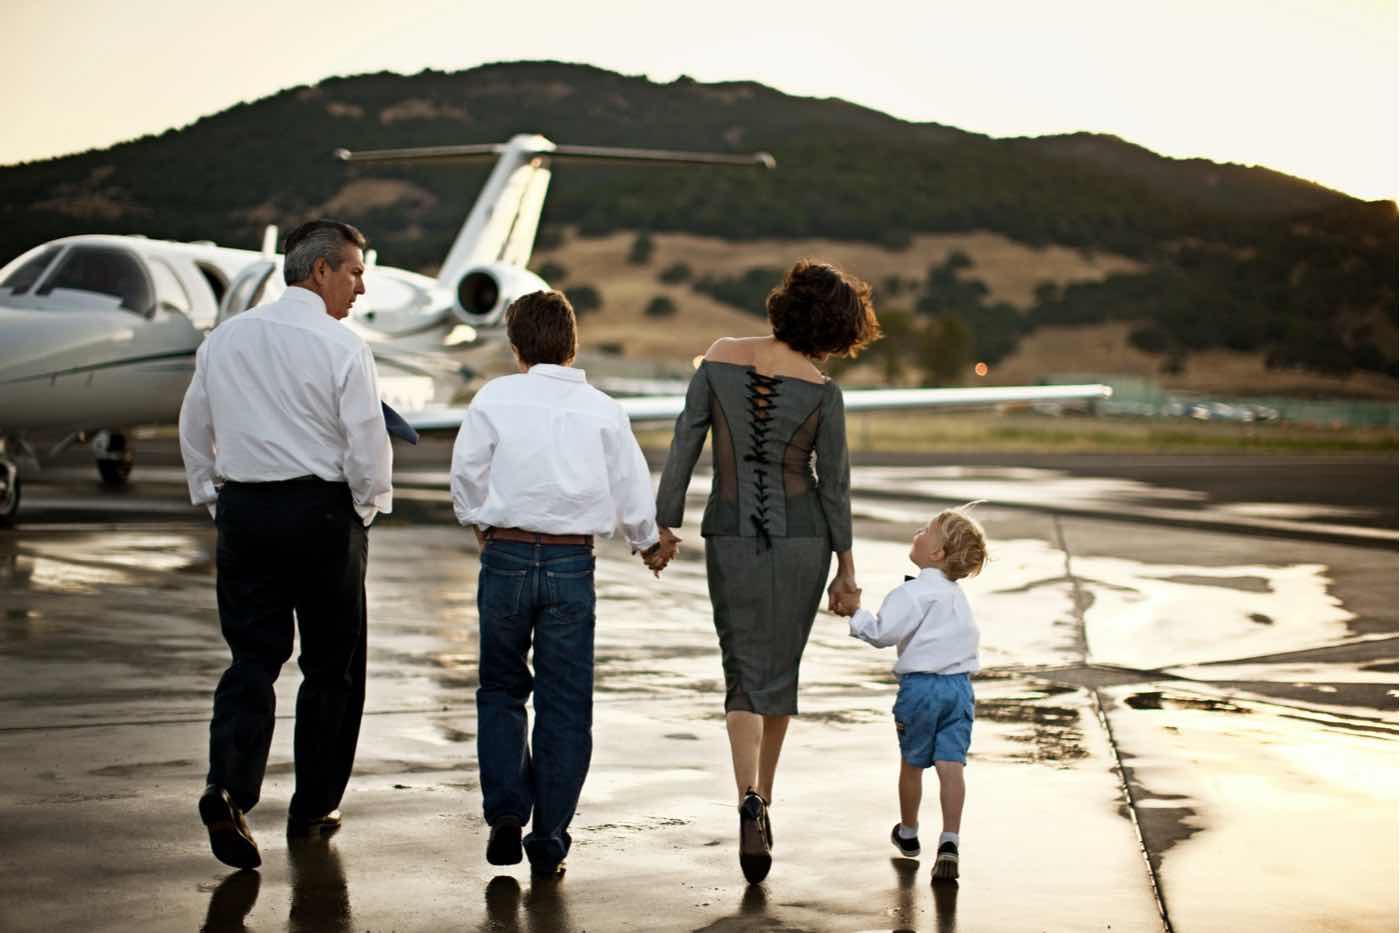 La pandemia del COVID-19 ha hecho que los jets privados sean más accesibles — y los hoteles de lujo los están utilizando con mejores ofertas de viajes con estilo